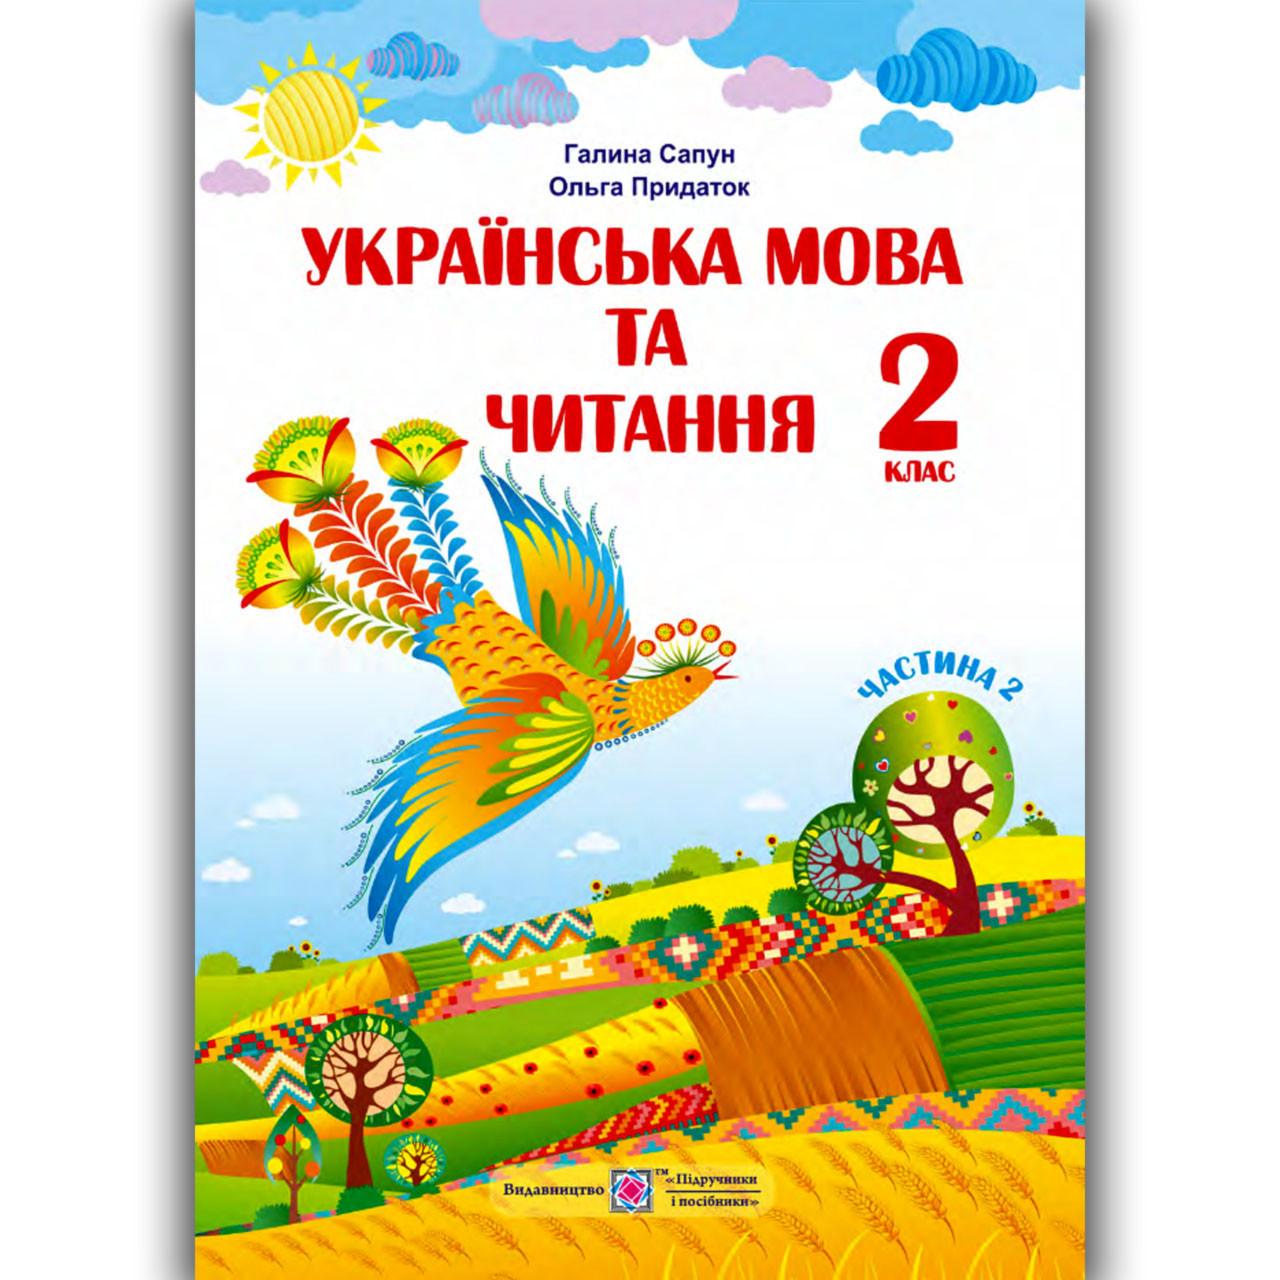 Підручник Українська мова та читання 2 клас Частина 2 Авт: Сапун Г. Вид: Підручники і Посібники